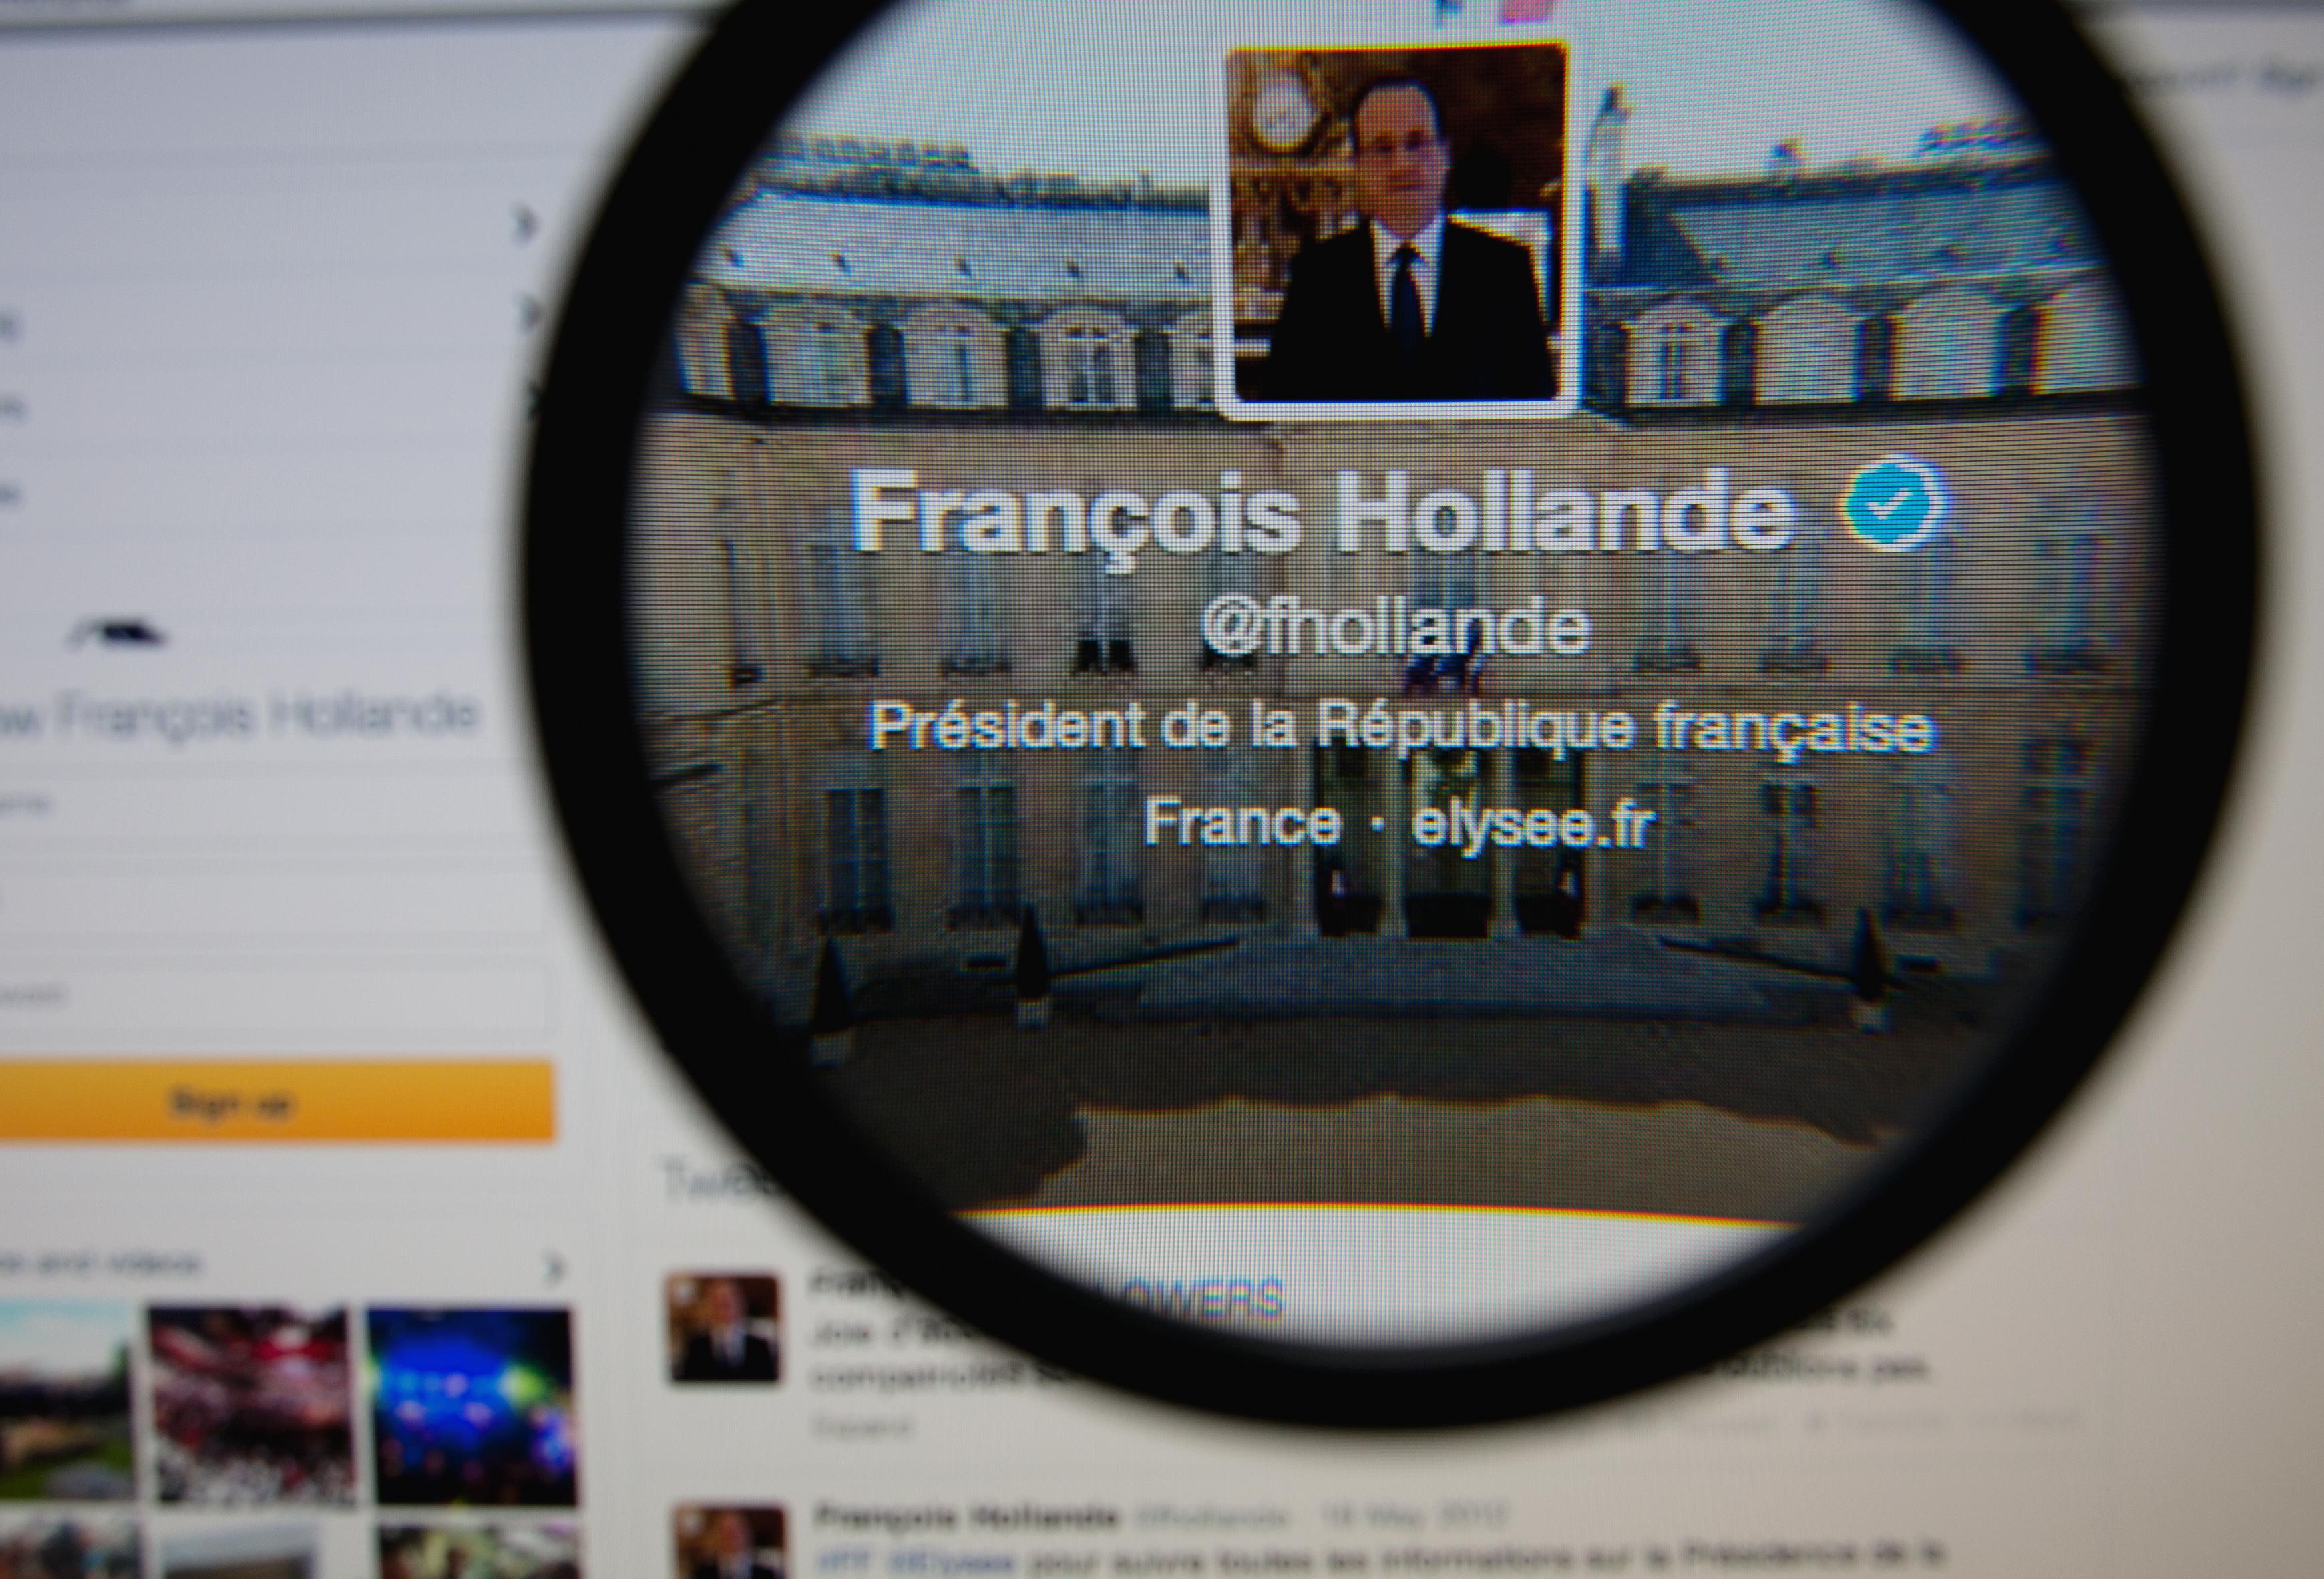 Crédit : François Hollande par Shutterstock